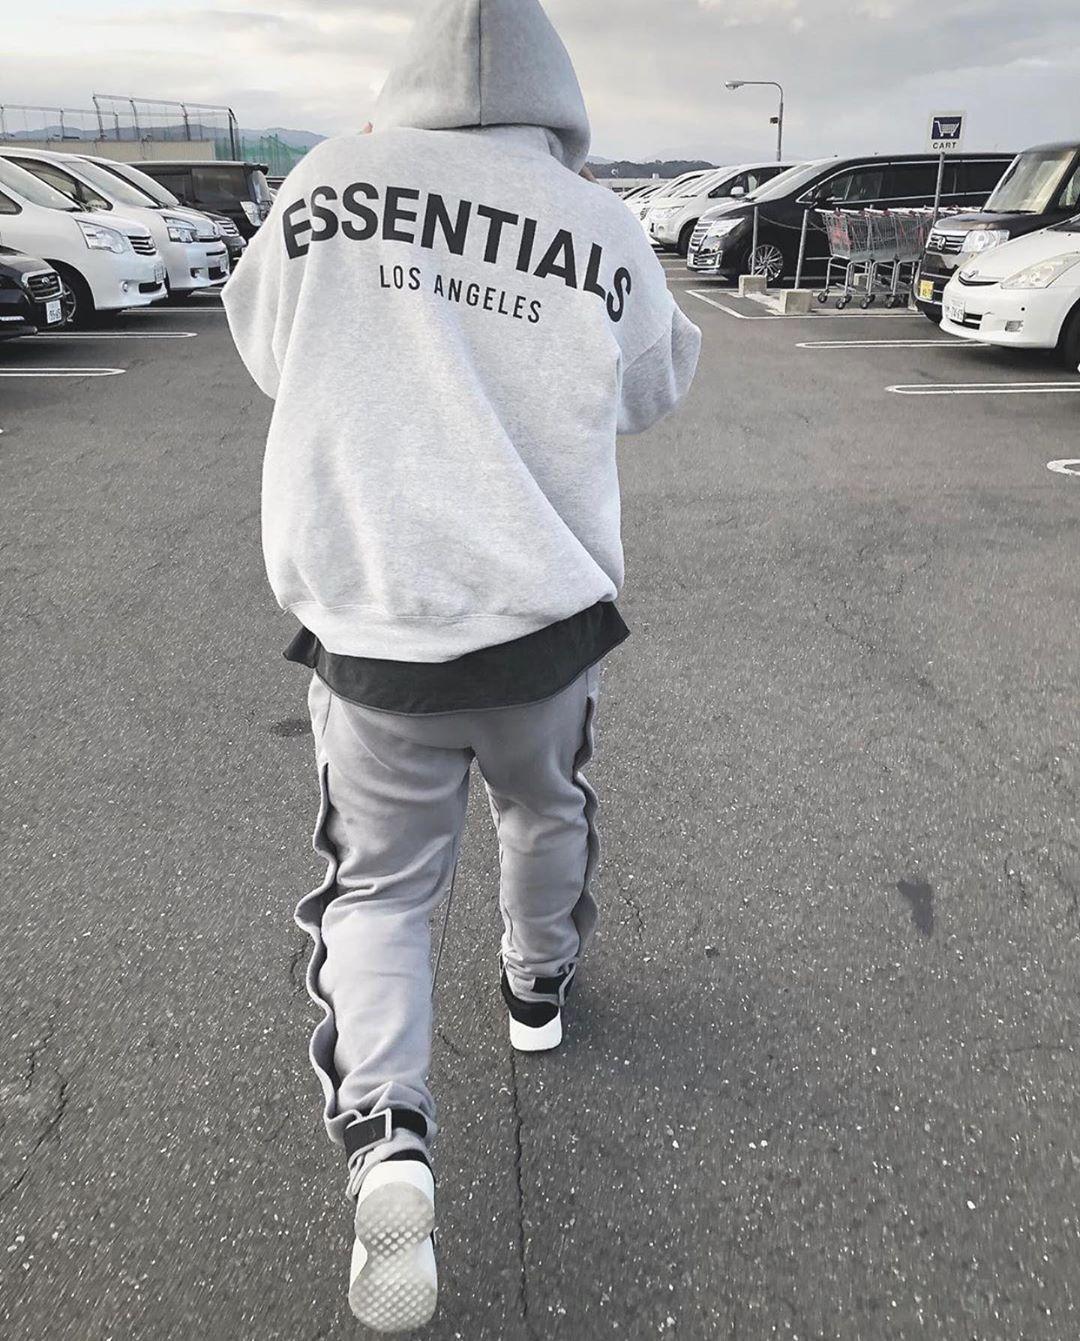 潮物Woo Fear Of God FOG Essentials LA Hood洛杉矶限定卫衣帽衫